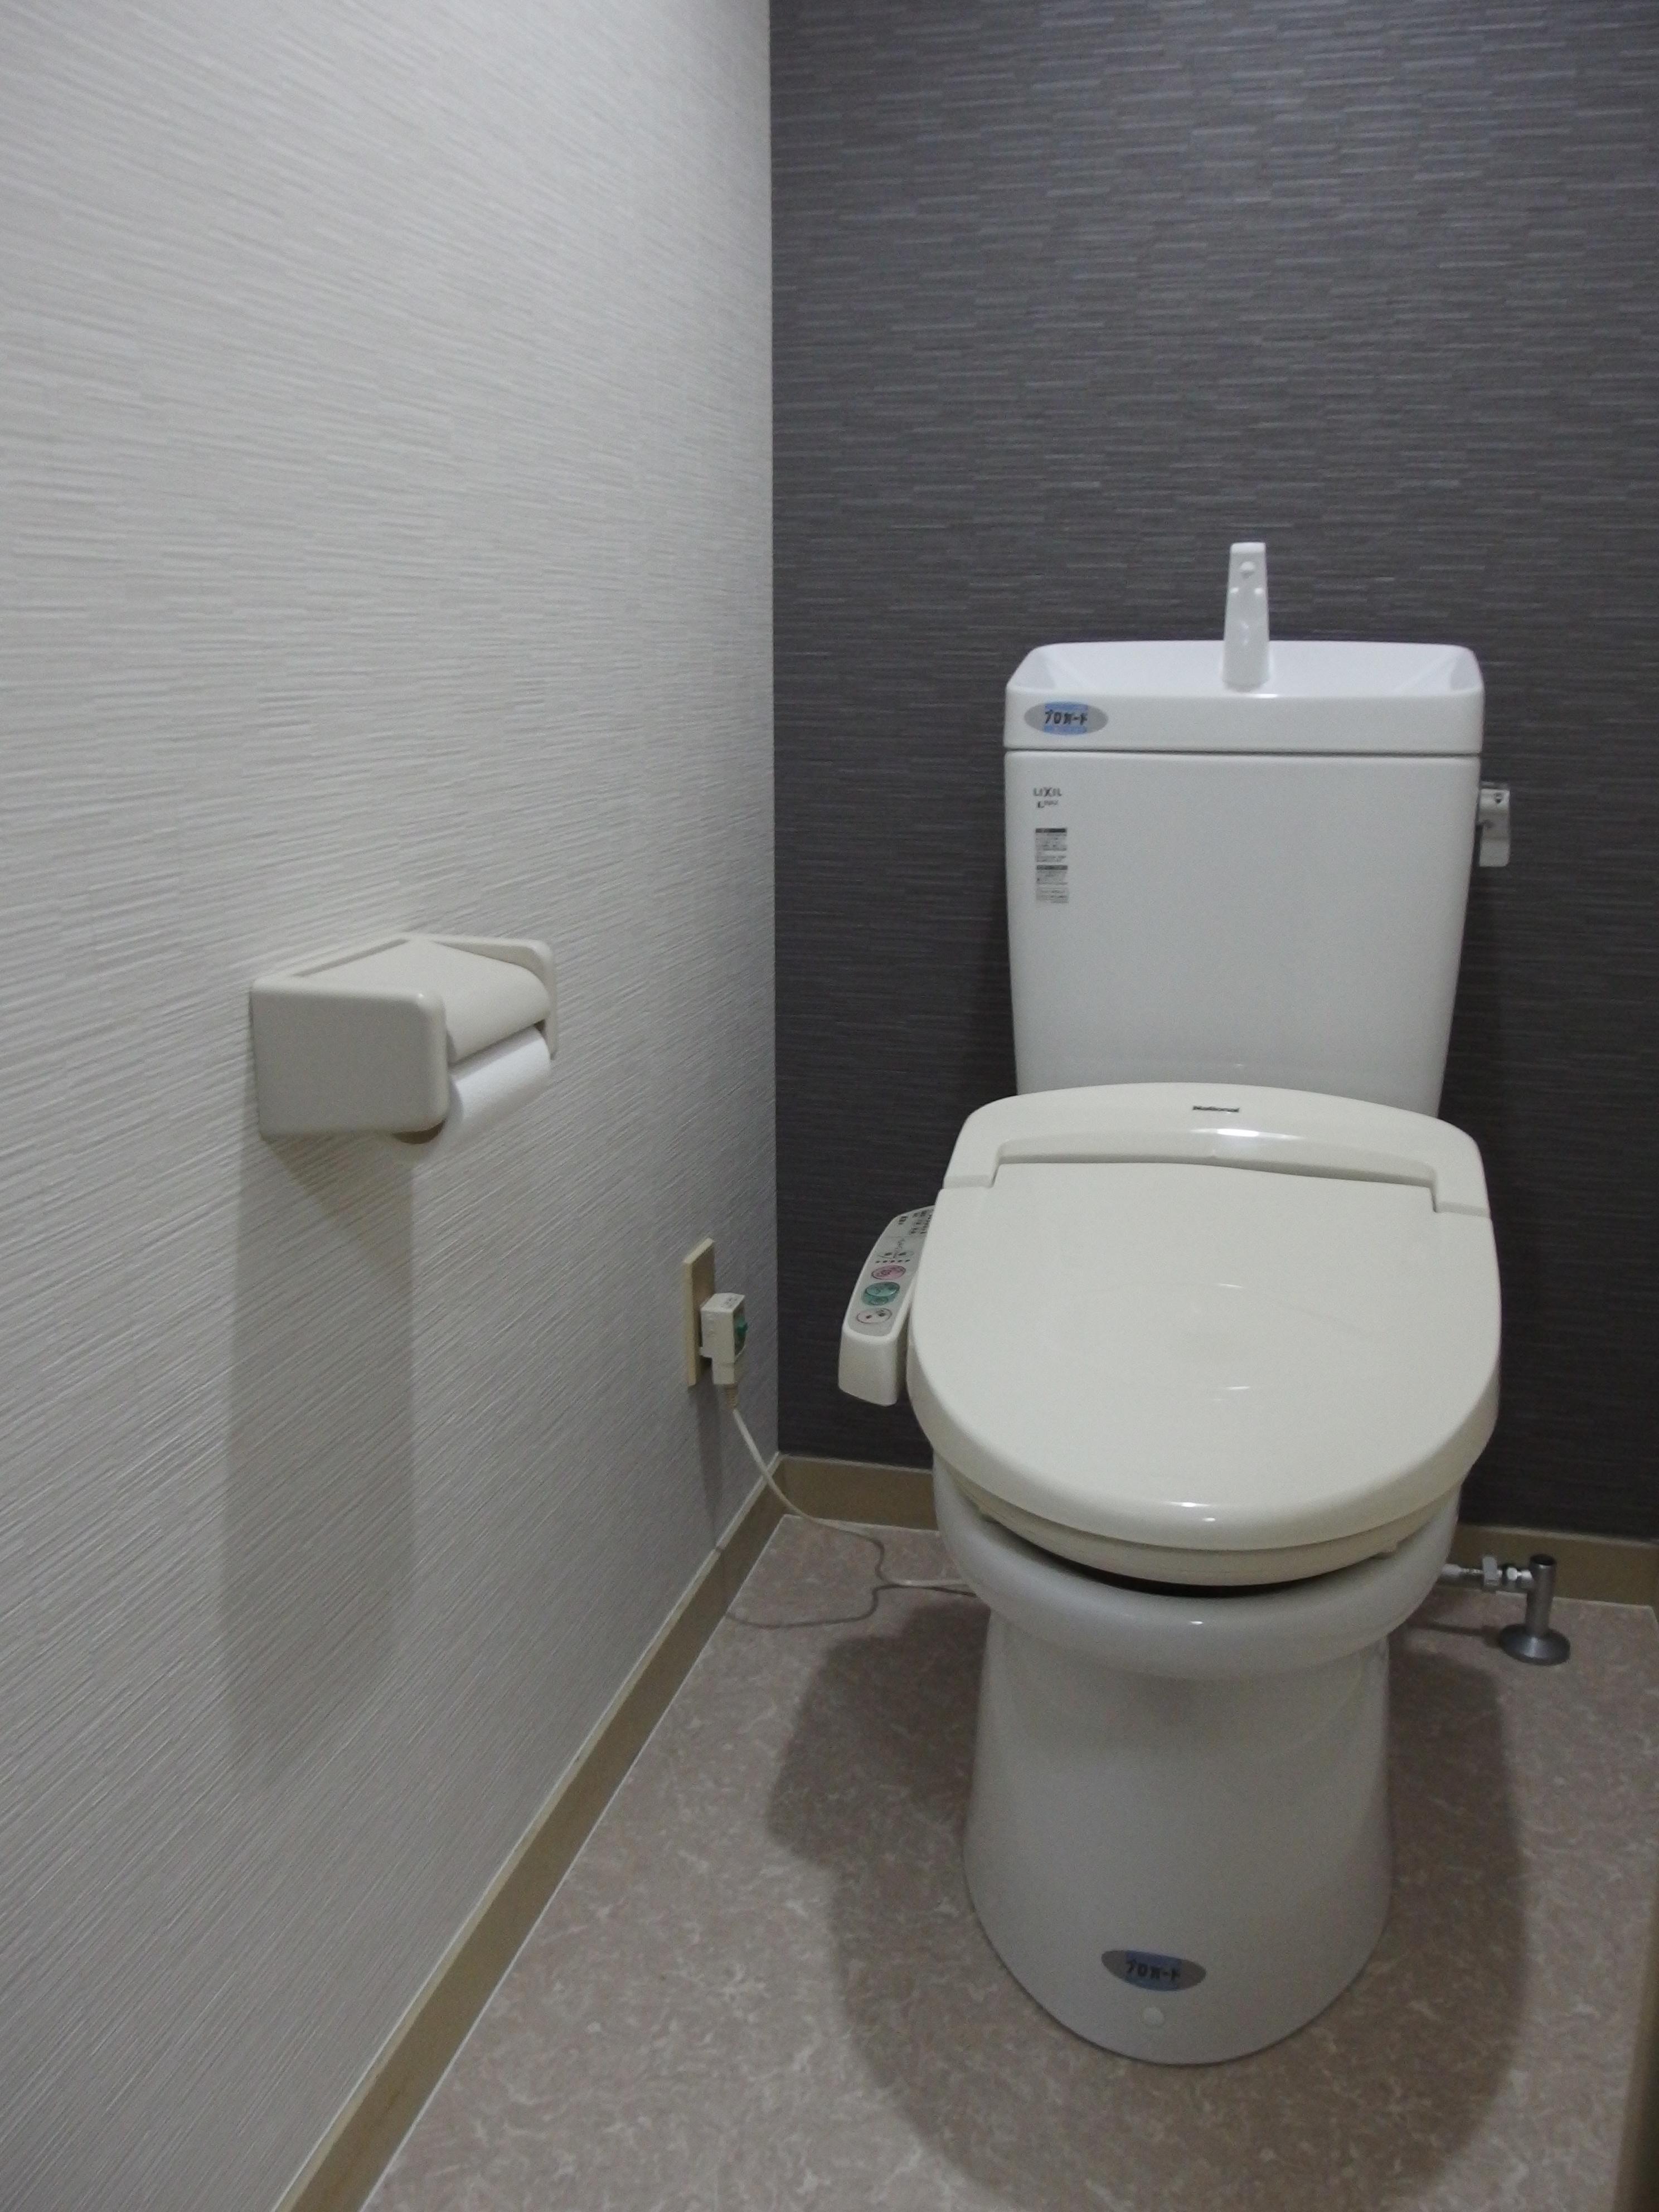 おしゃれトイレ第6弾 シンプルな壁紙の組合せ トイレリフォーム専門店